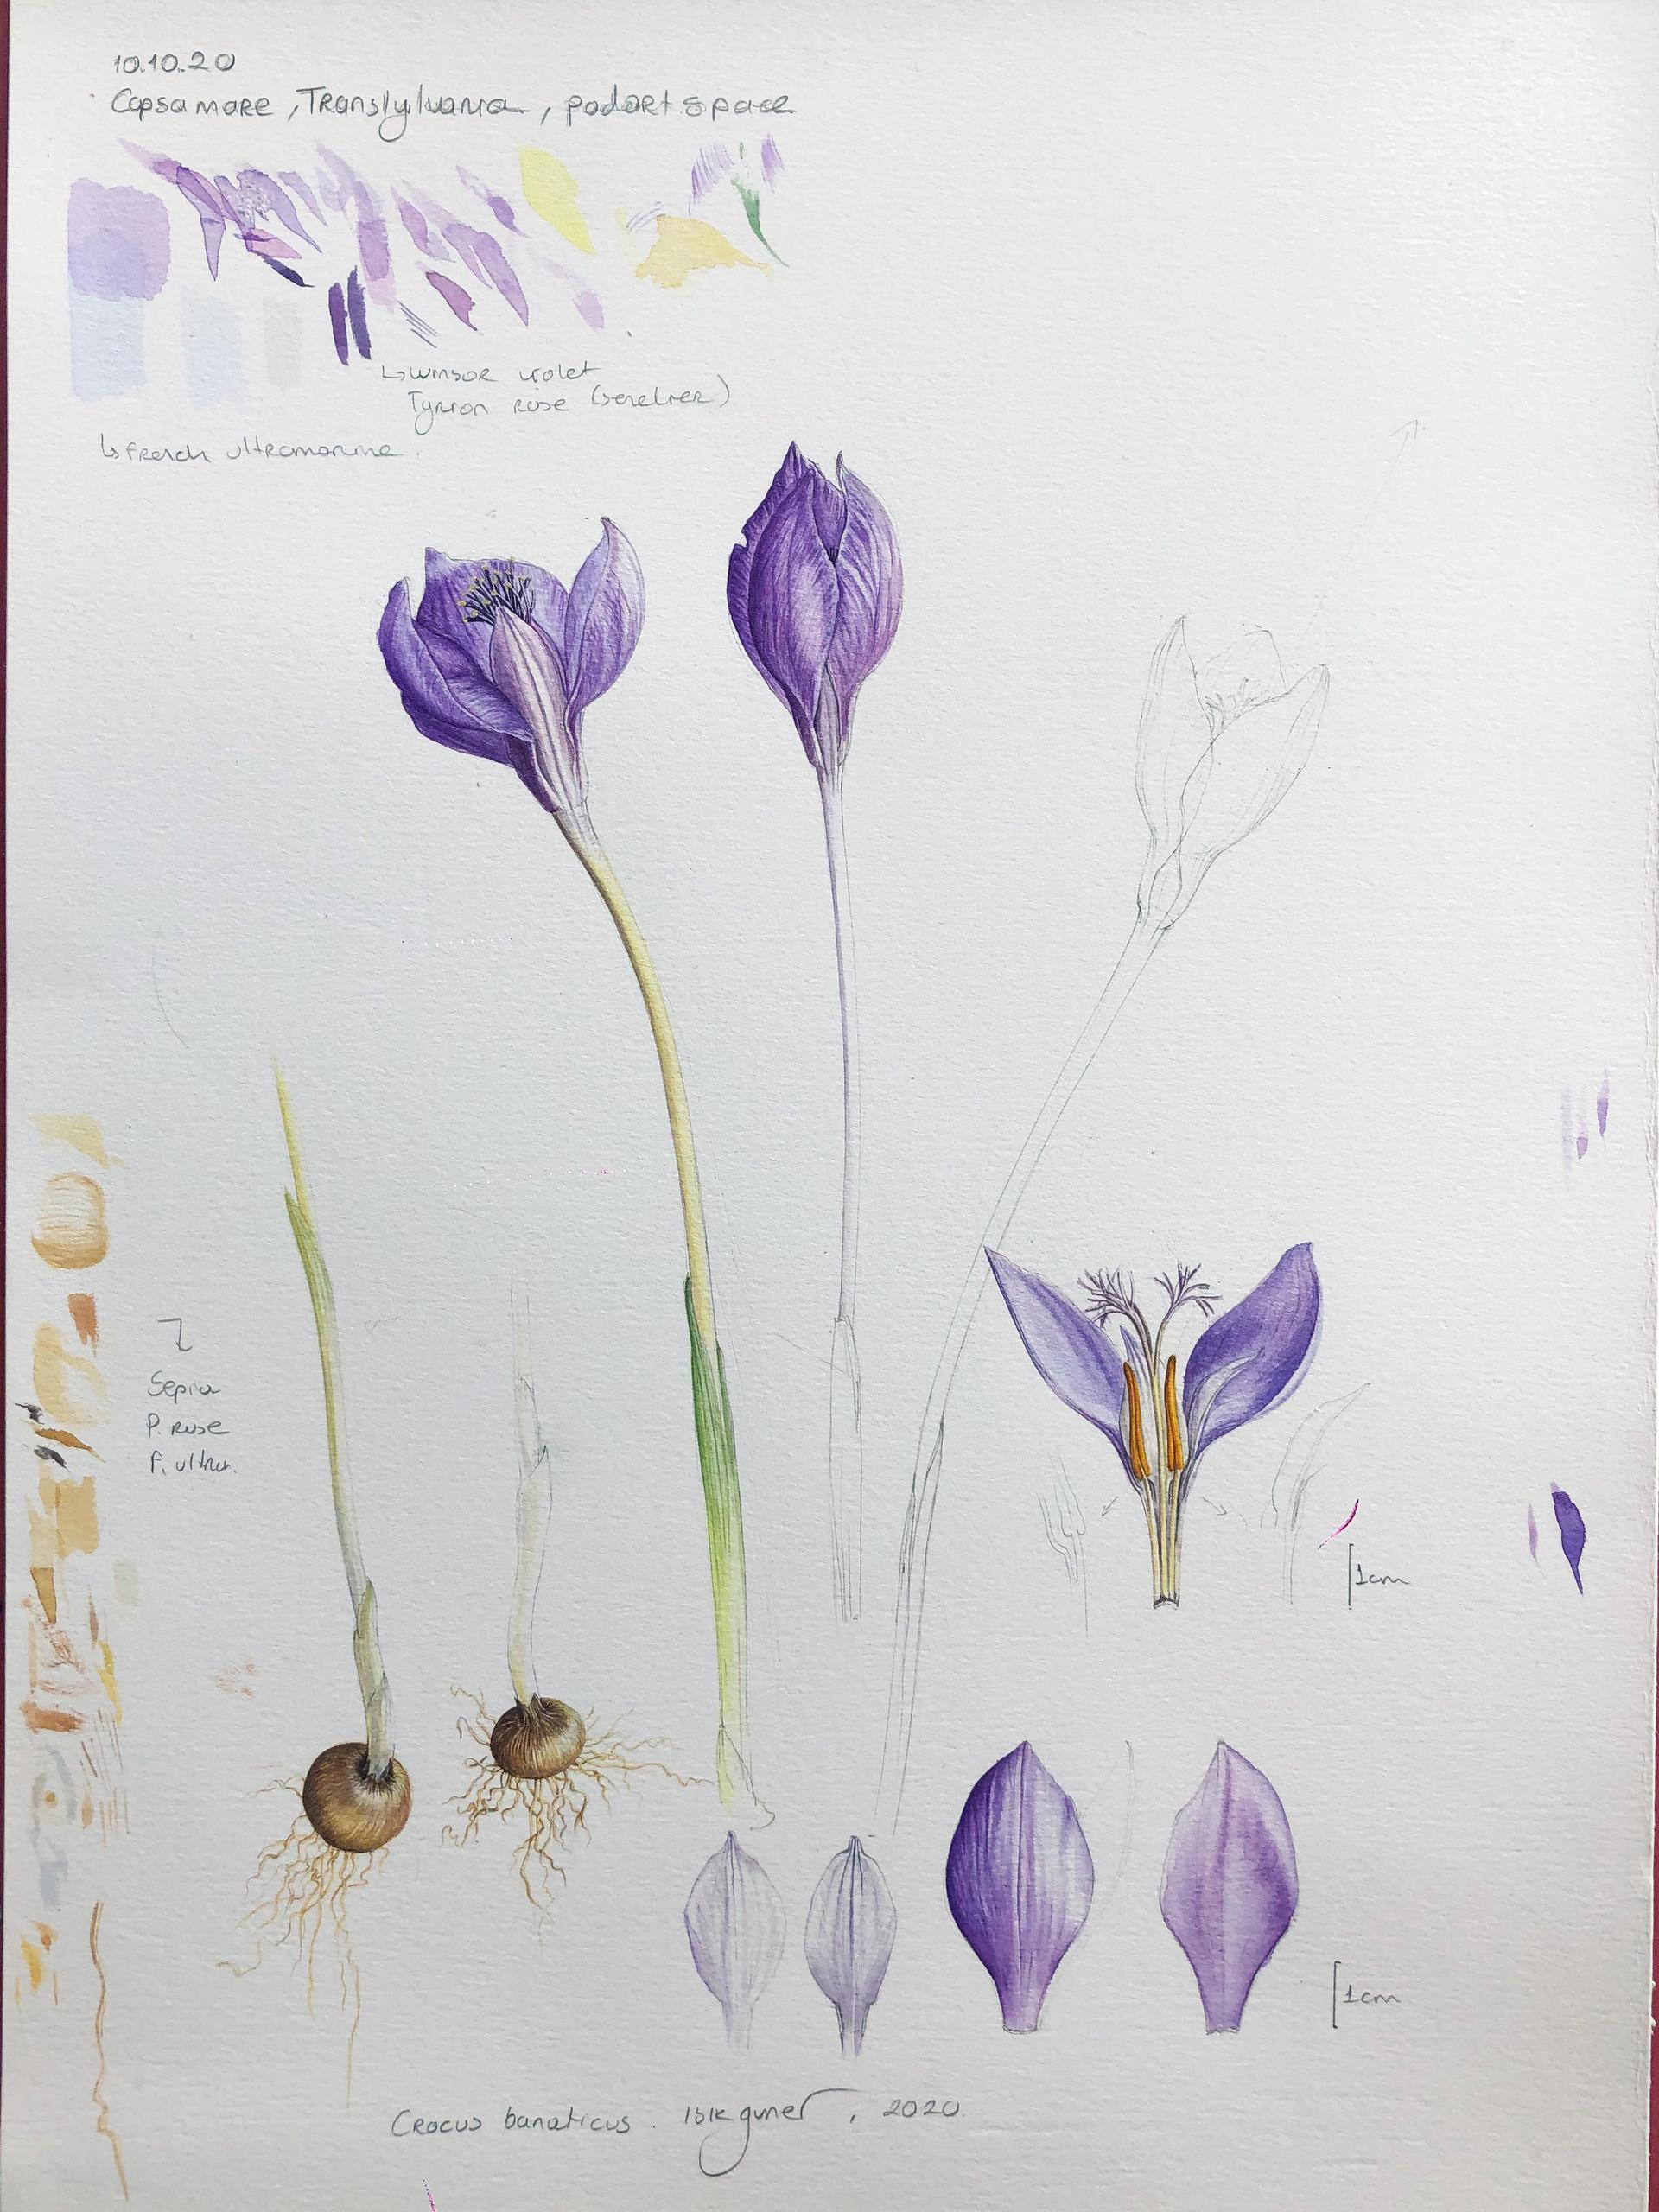 Full study of Crocus banaticus by Isik Guner, Oct 2020 Copsa Mare